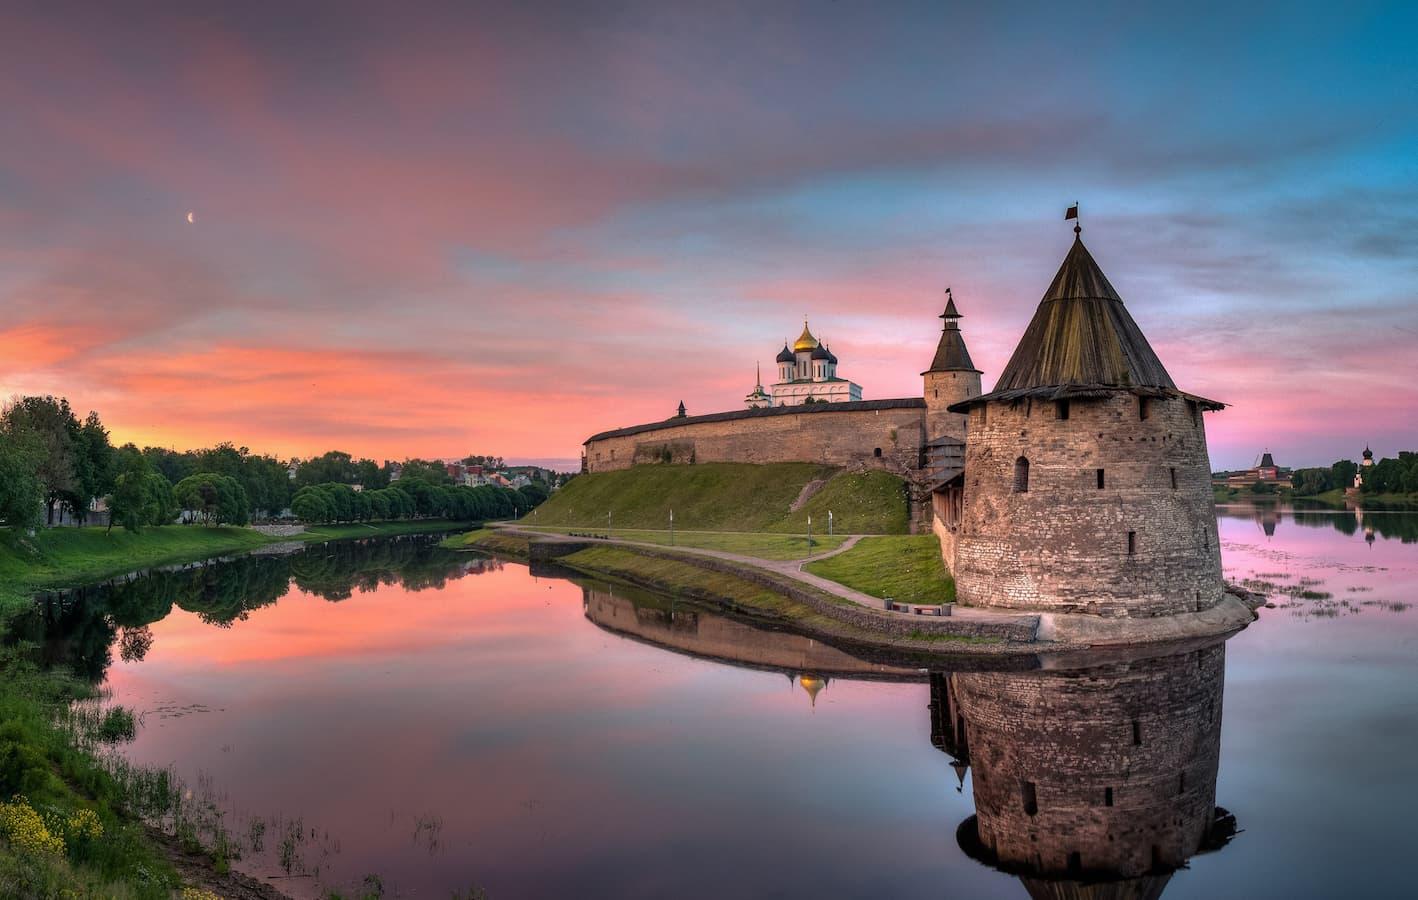 rgo - Русское географическое общество (РГО) представит интерактивную экспозицию для участников форума «Путешествуй!»